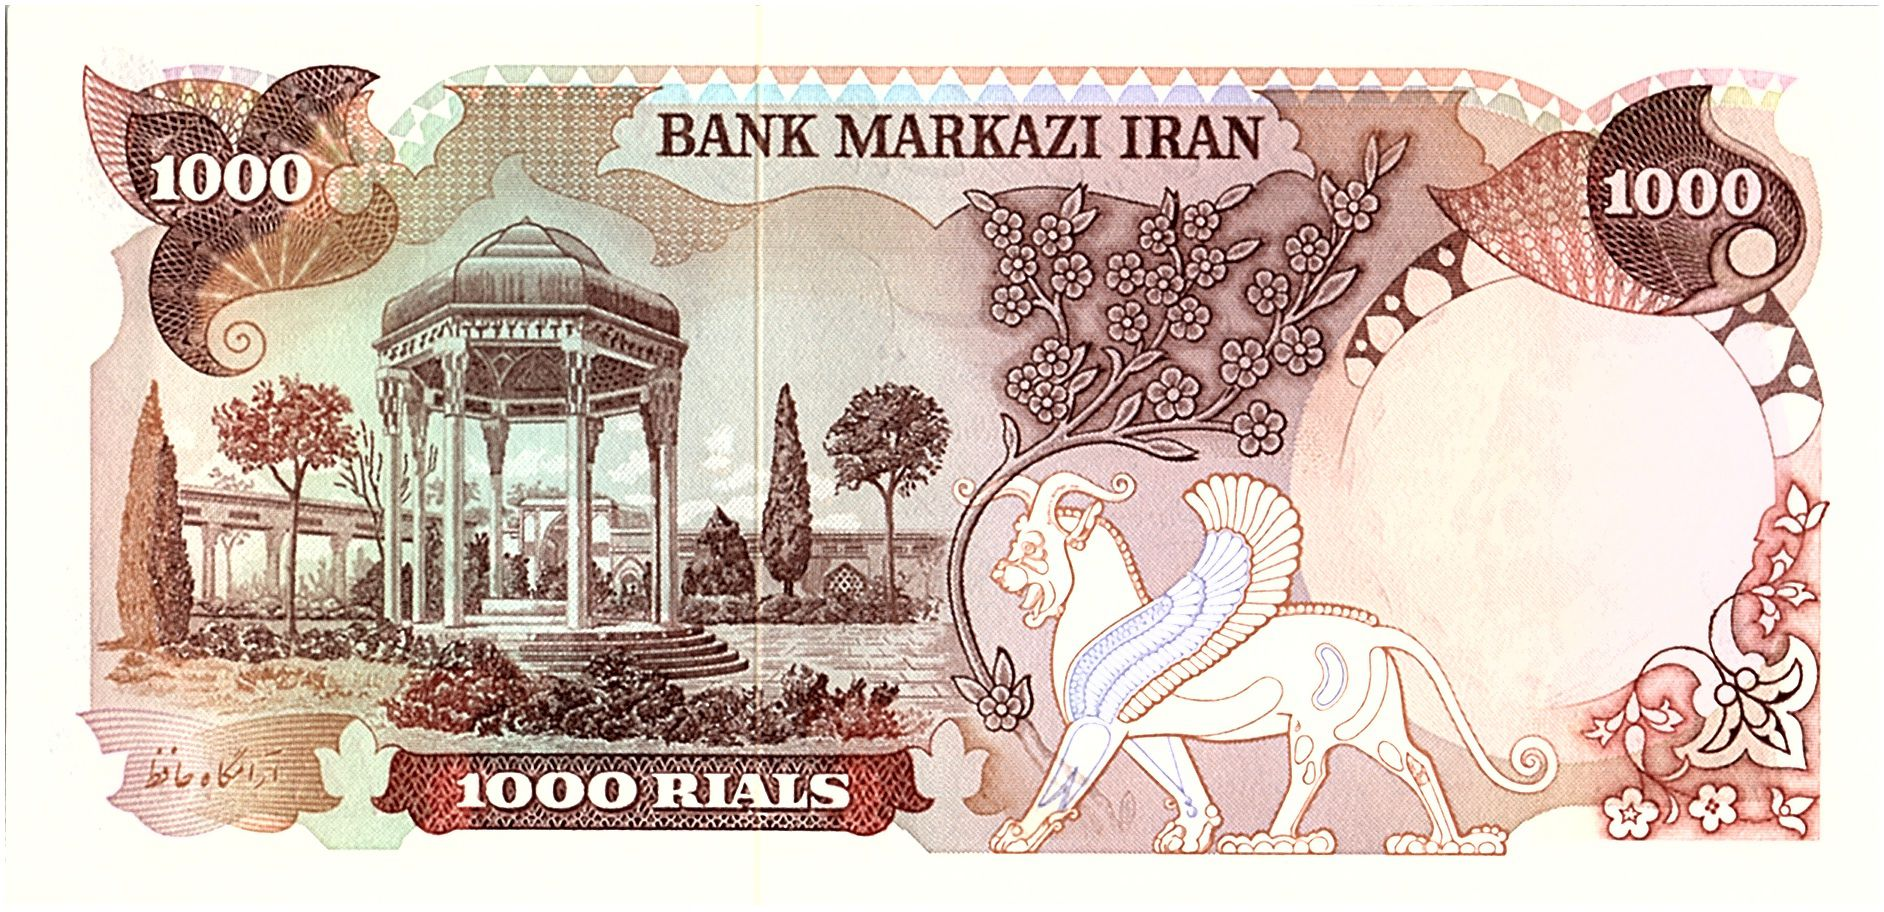 Iran 1000 Rials , Mohammad Reza Pahlavi - 19(74-79) P.105 b